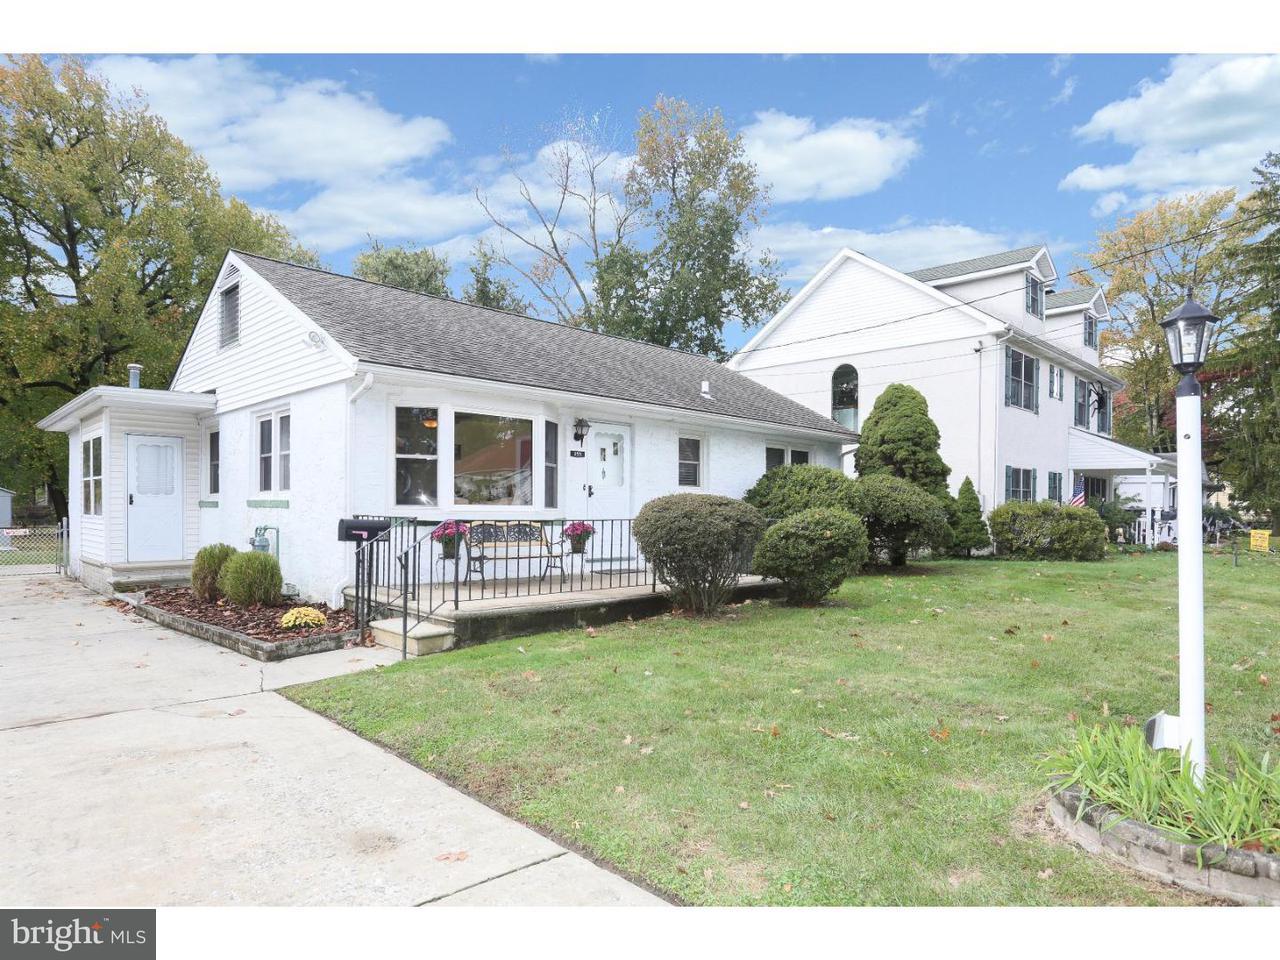 独户住宅 为 销售 在 255 DUBOIS Avenue Woodbury, 新泽西州 08096 美国